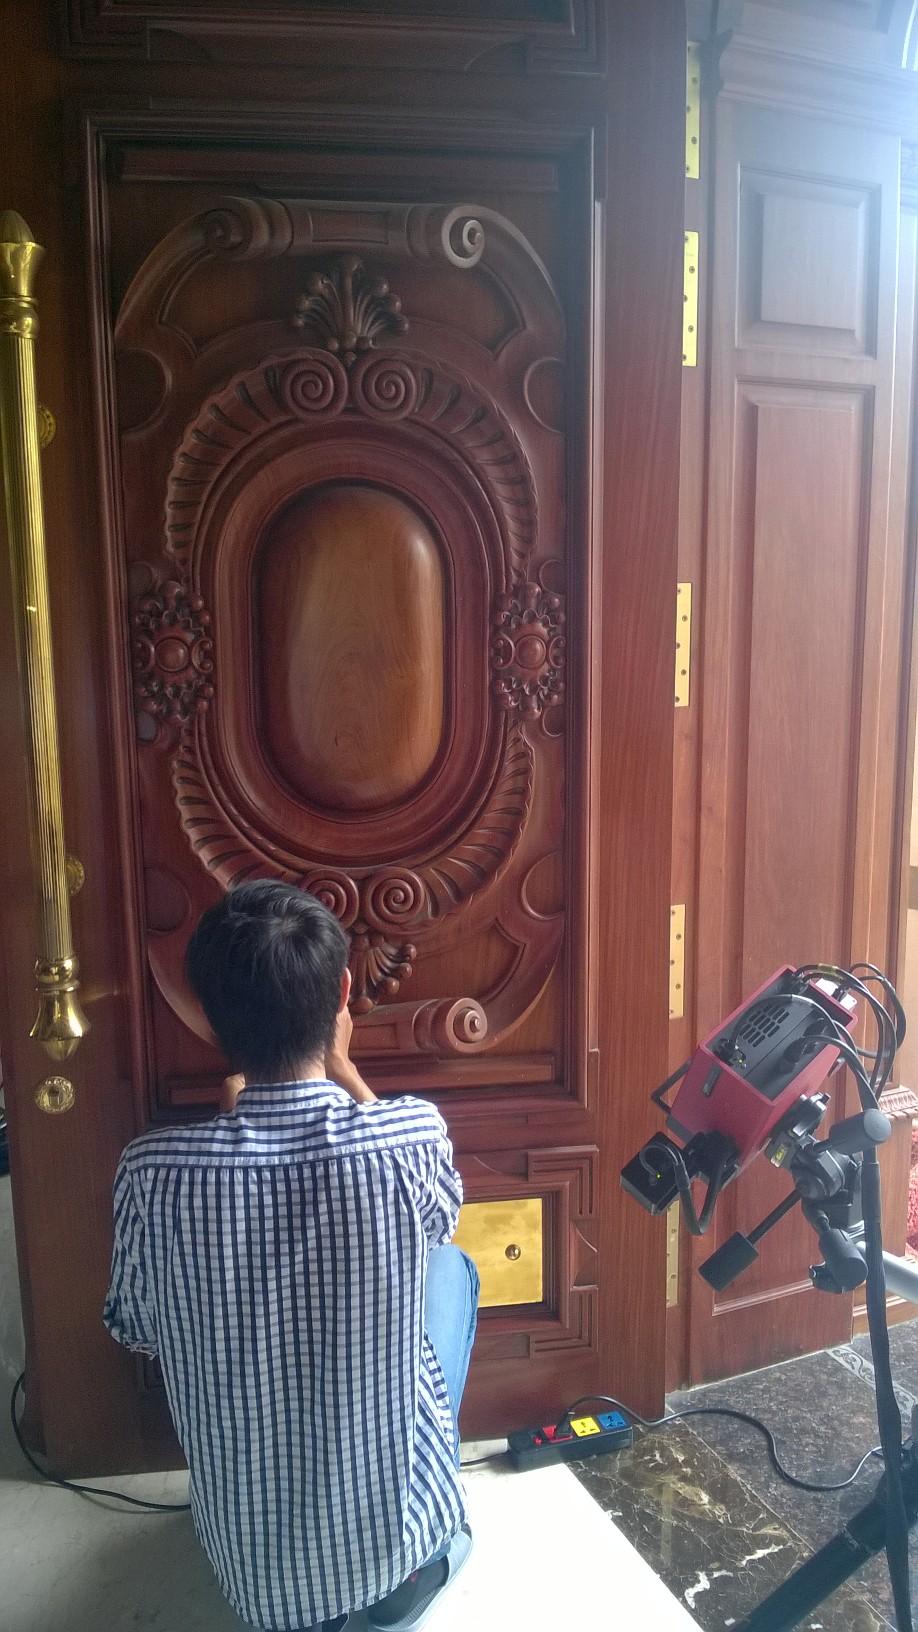 Scan Cua Go - Biet Thu Phu My Hung - Scan3d.com.vn (2)